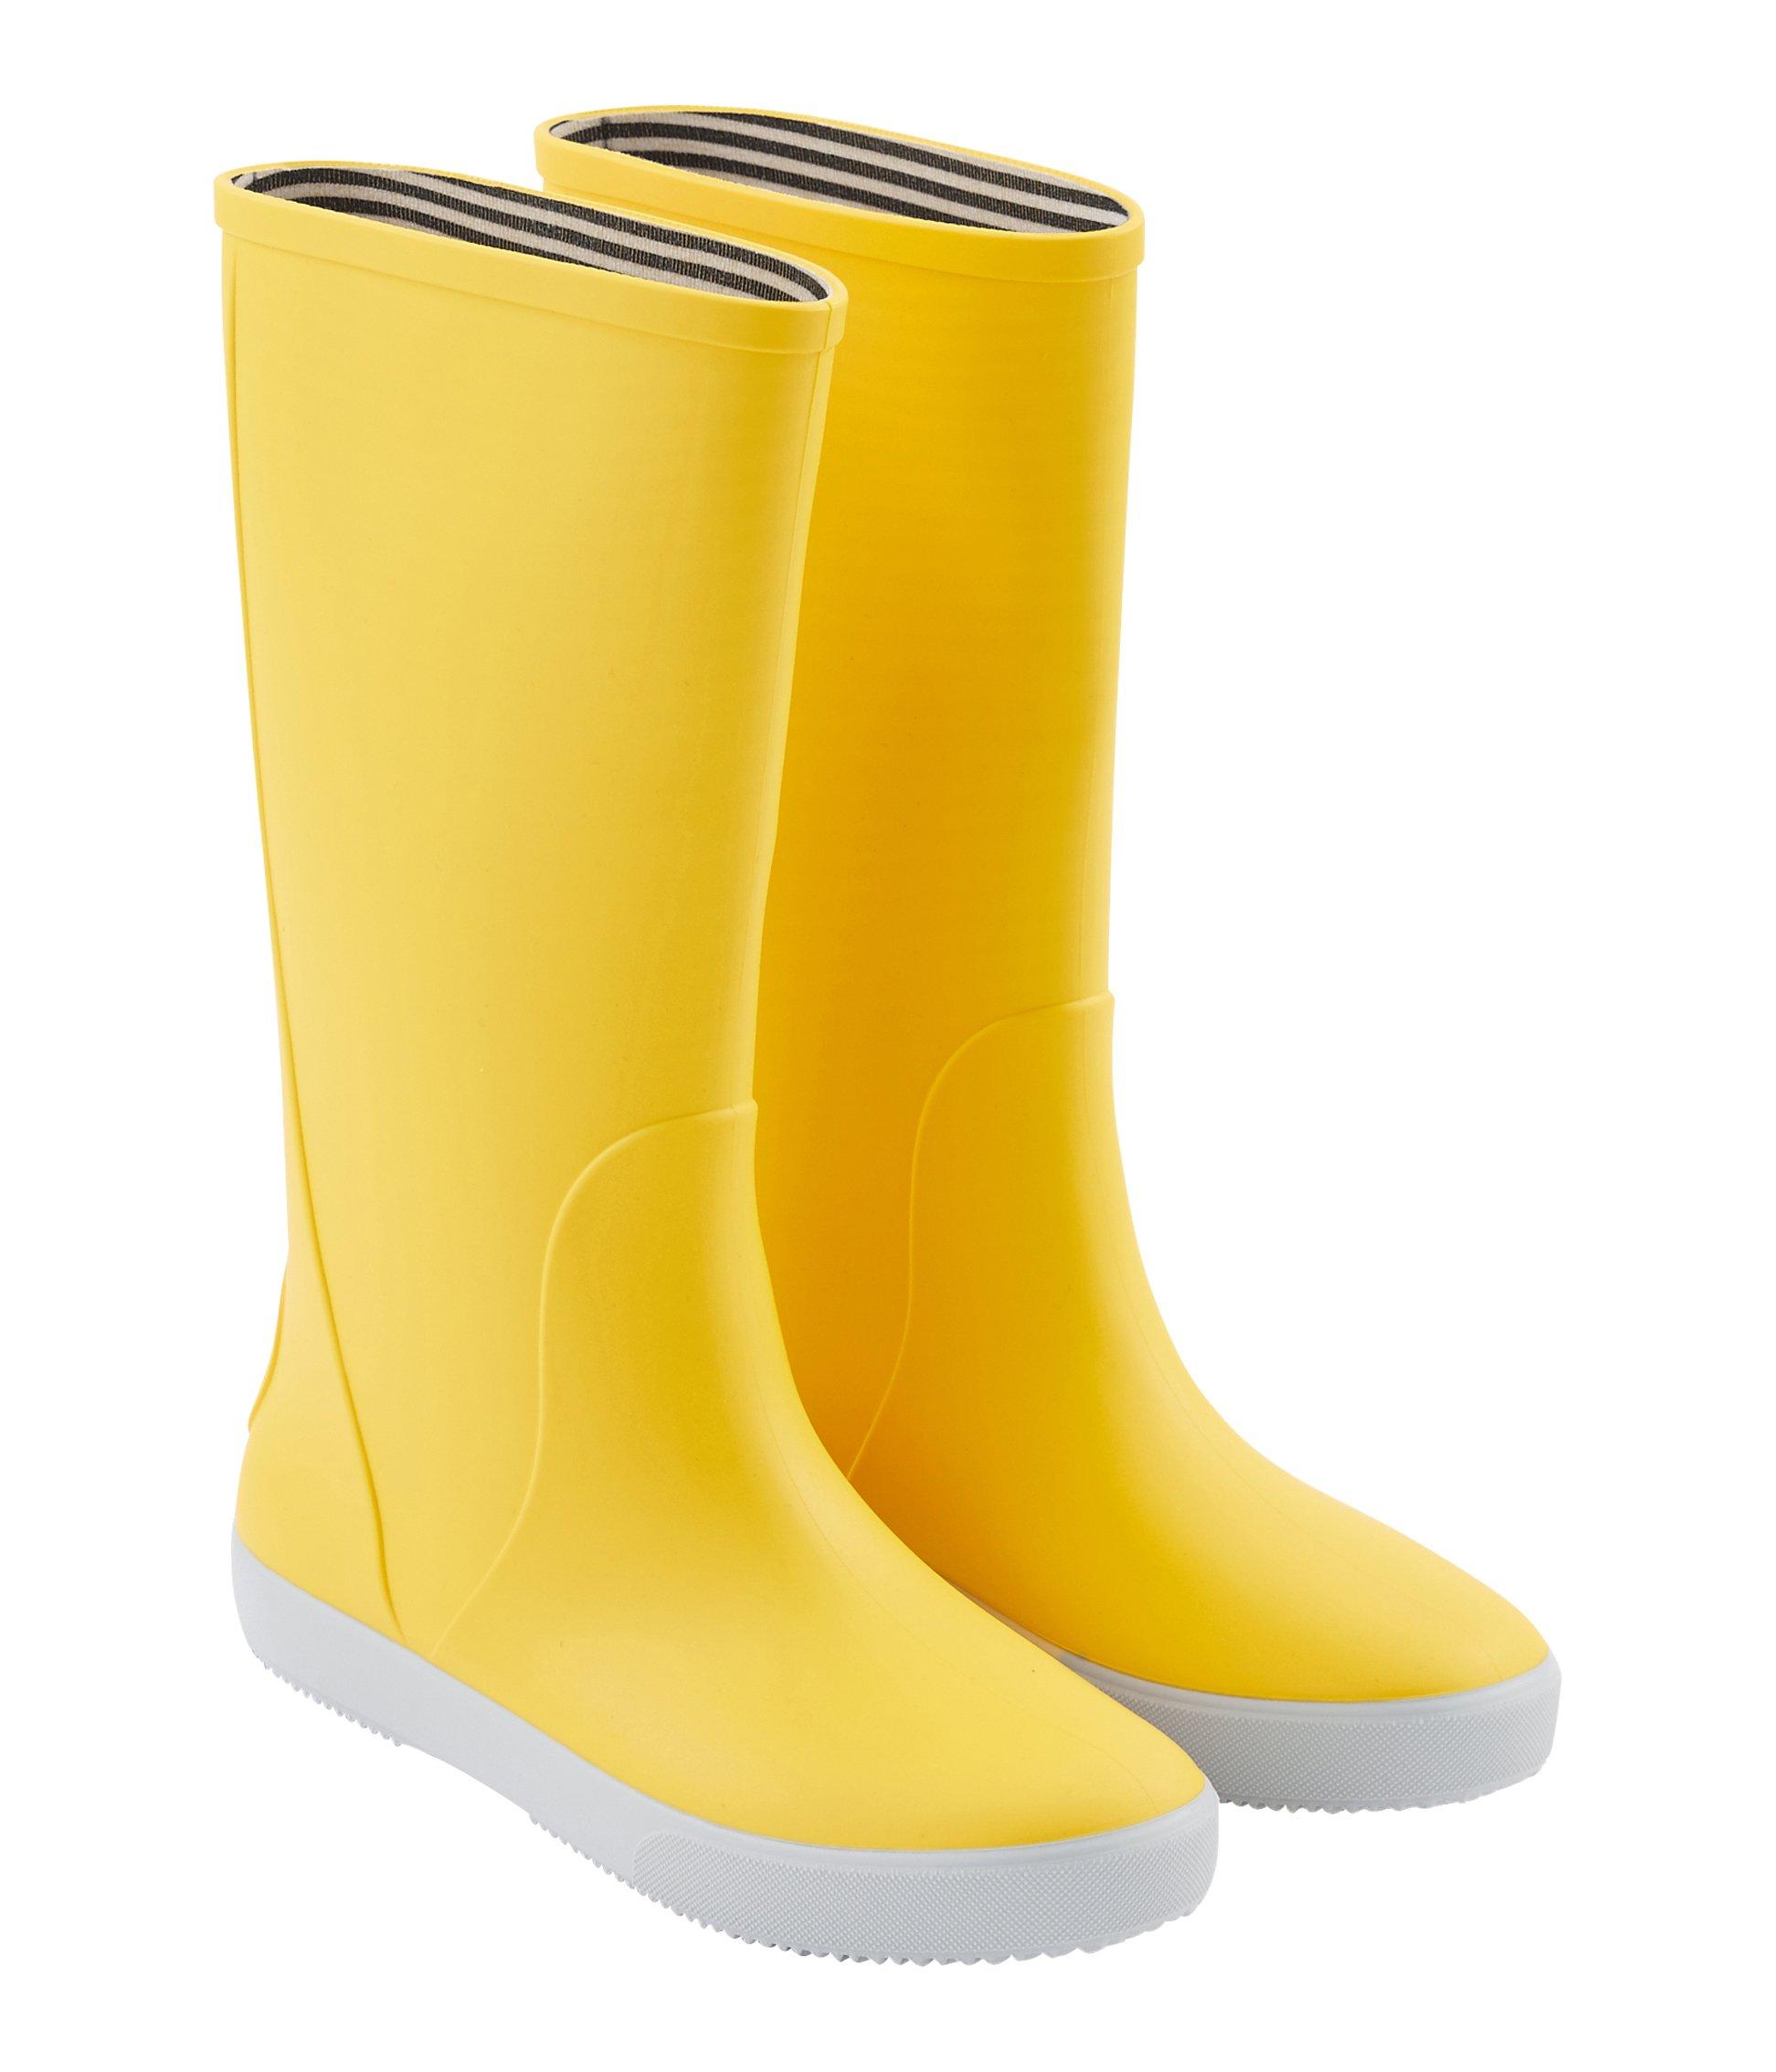 e4c9d340e4bf5 Bottes de pluie